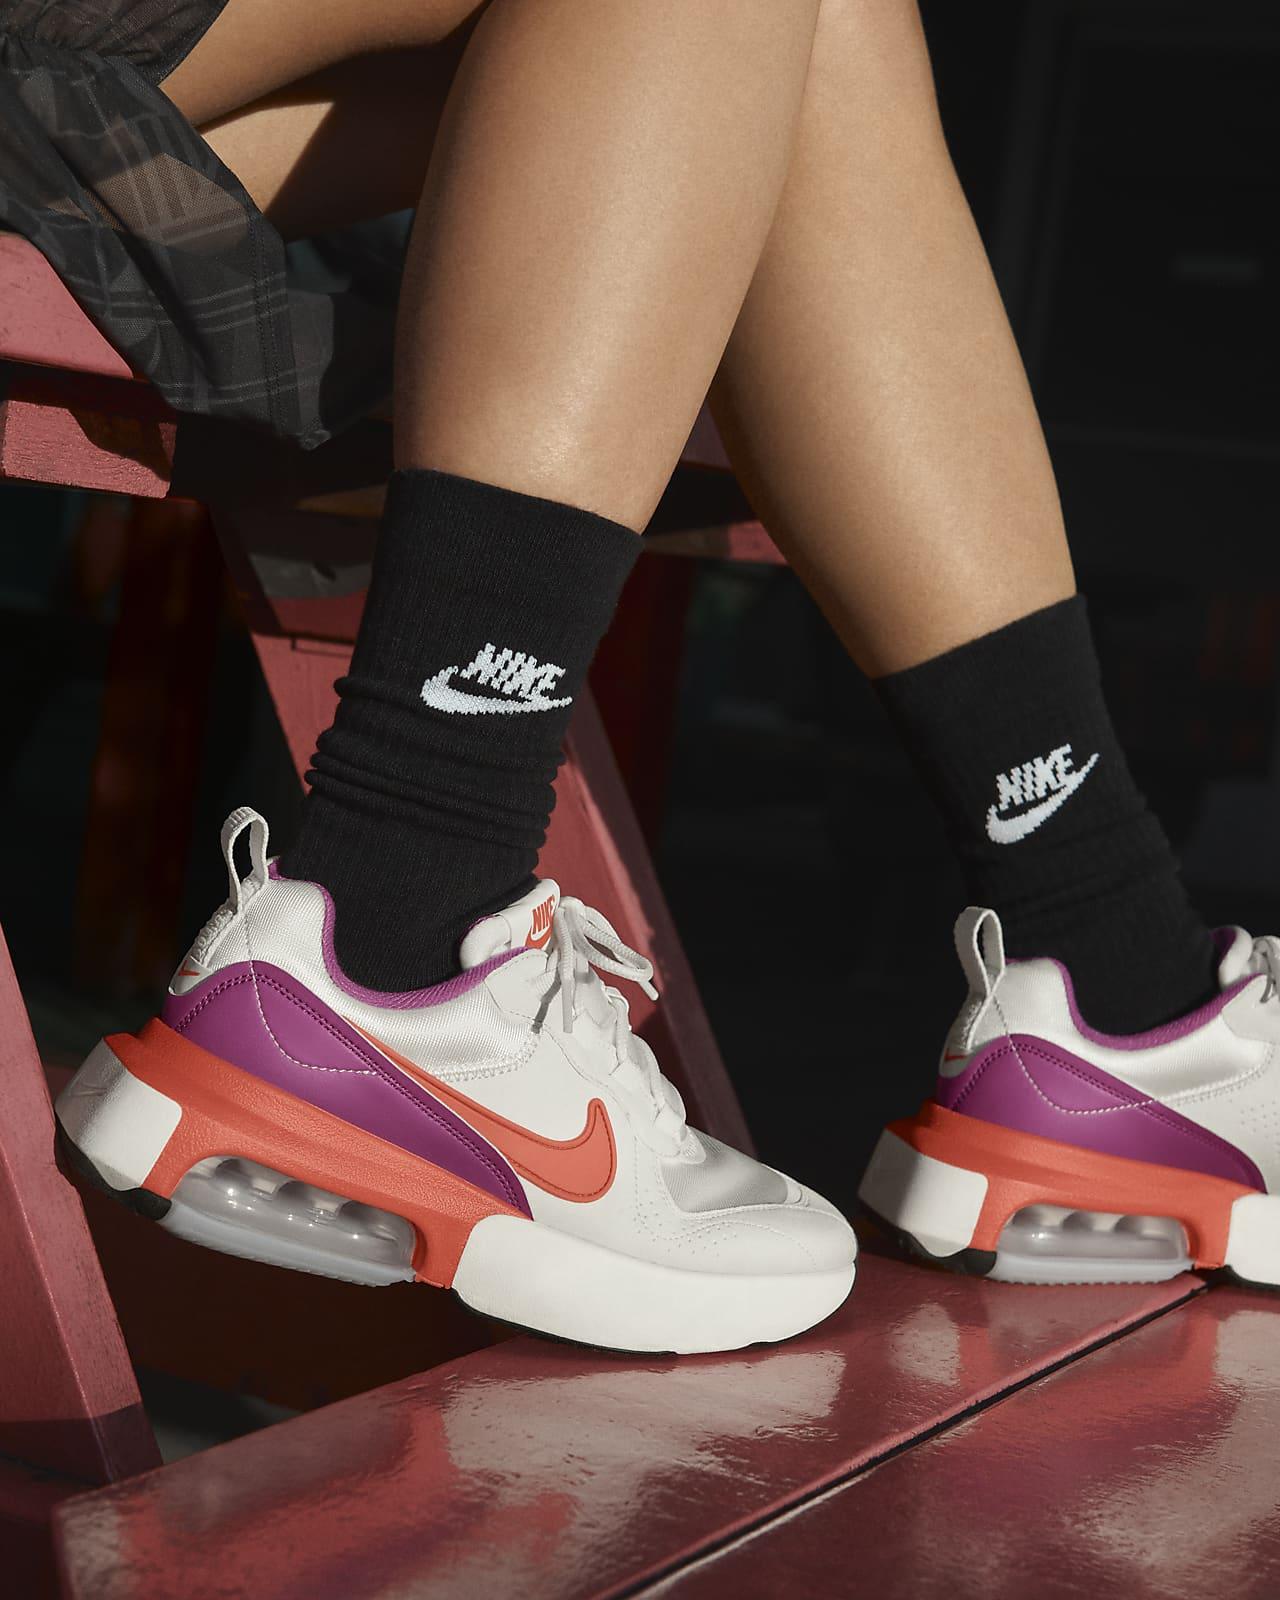 Calcetines deportivos Nike Sportswear Everyday Essential (3 pares). Nike.com